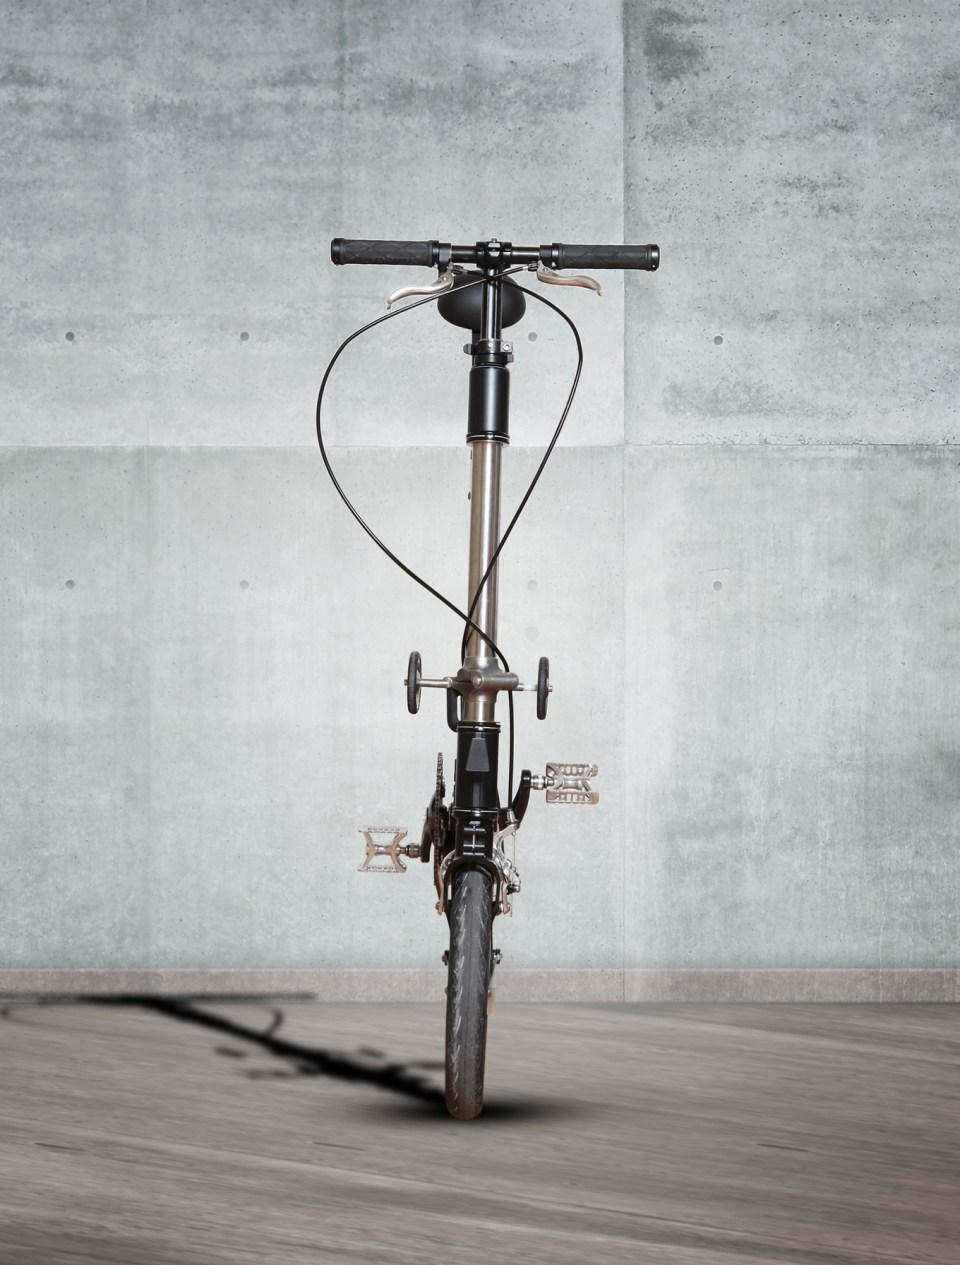 kwiggle-bike-world-smallest-folding-bicycle-5-1360x1793